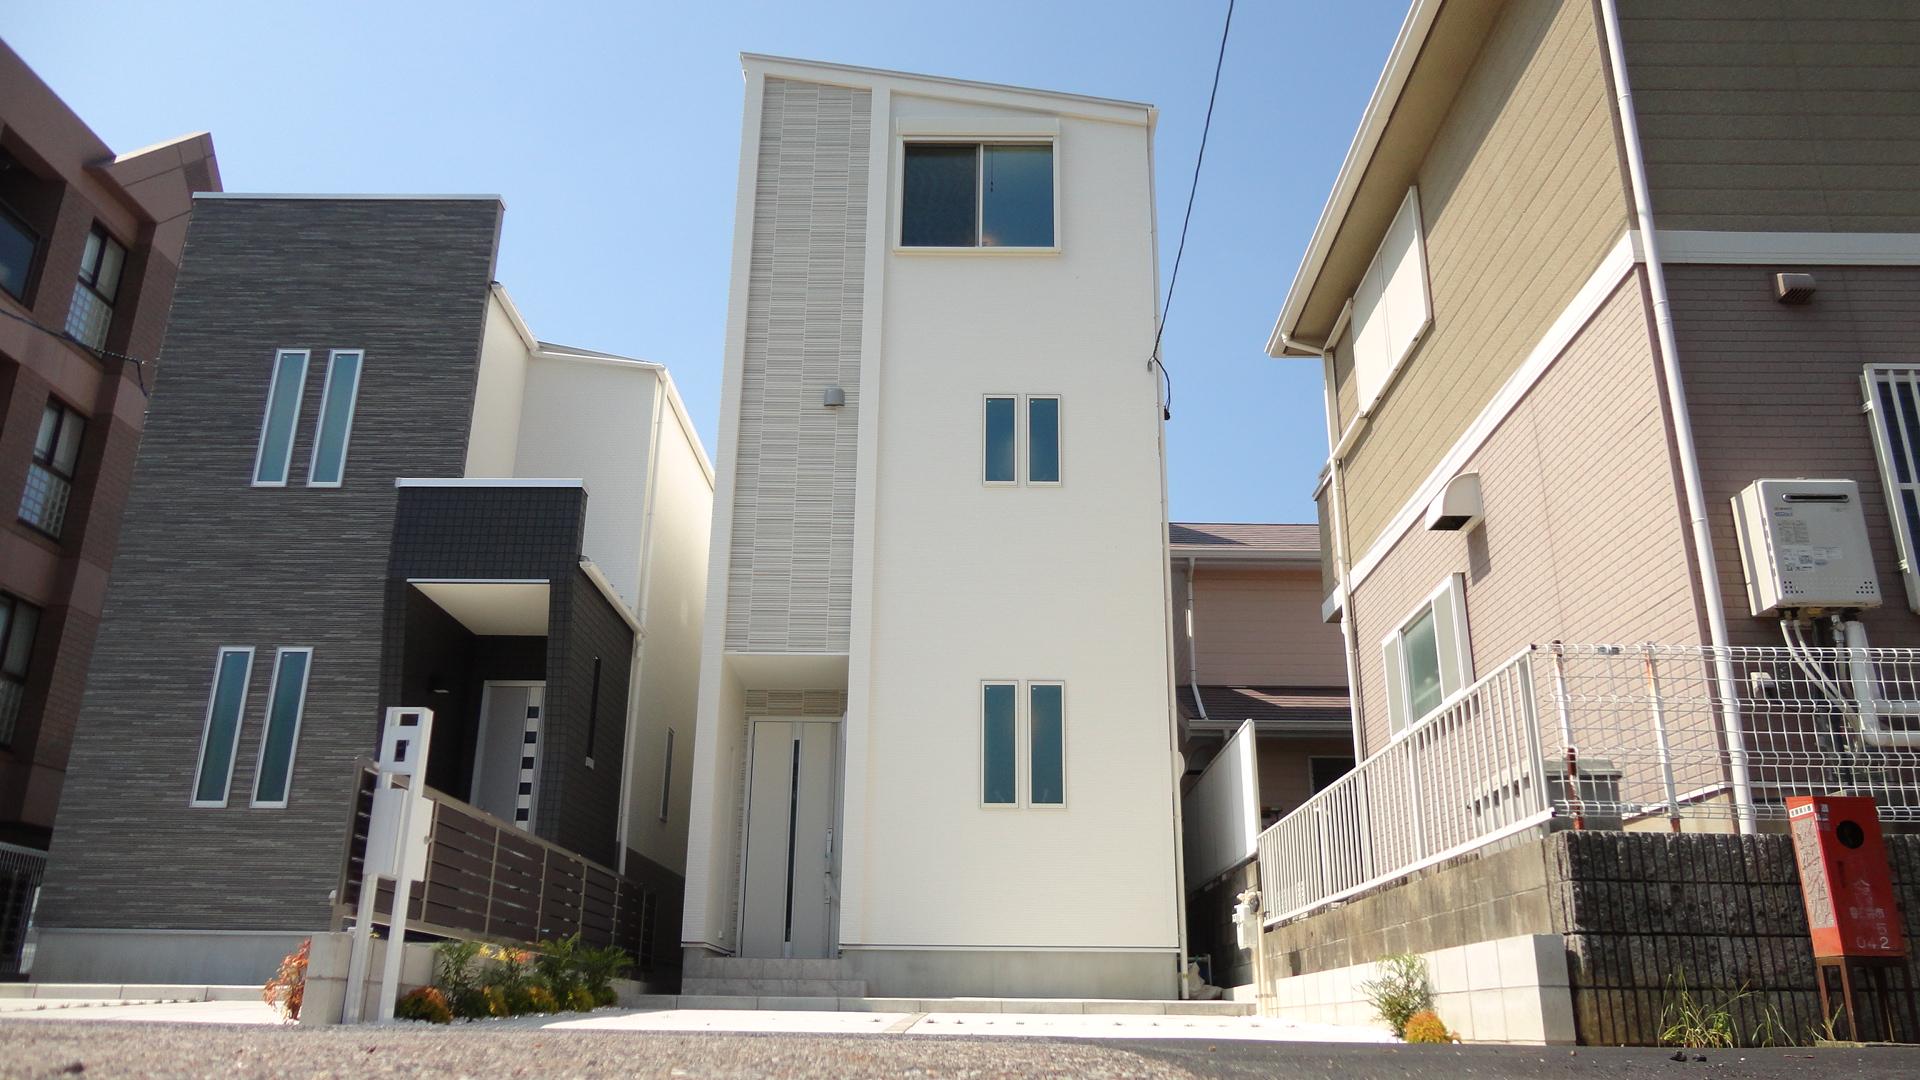 北入 4LDK 木造3階建て 33.50坪 間口5160mm